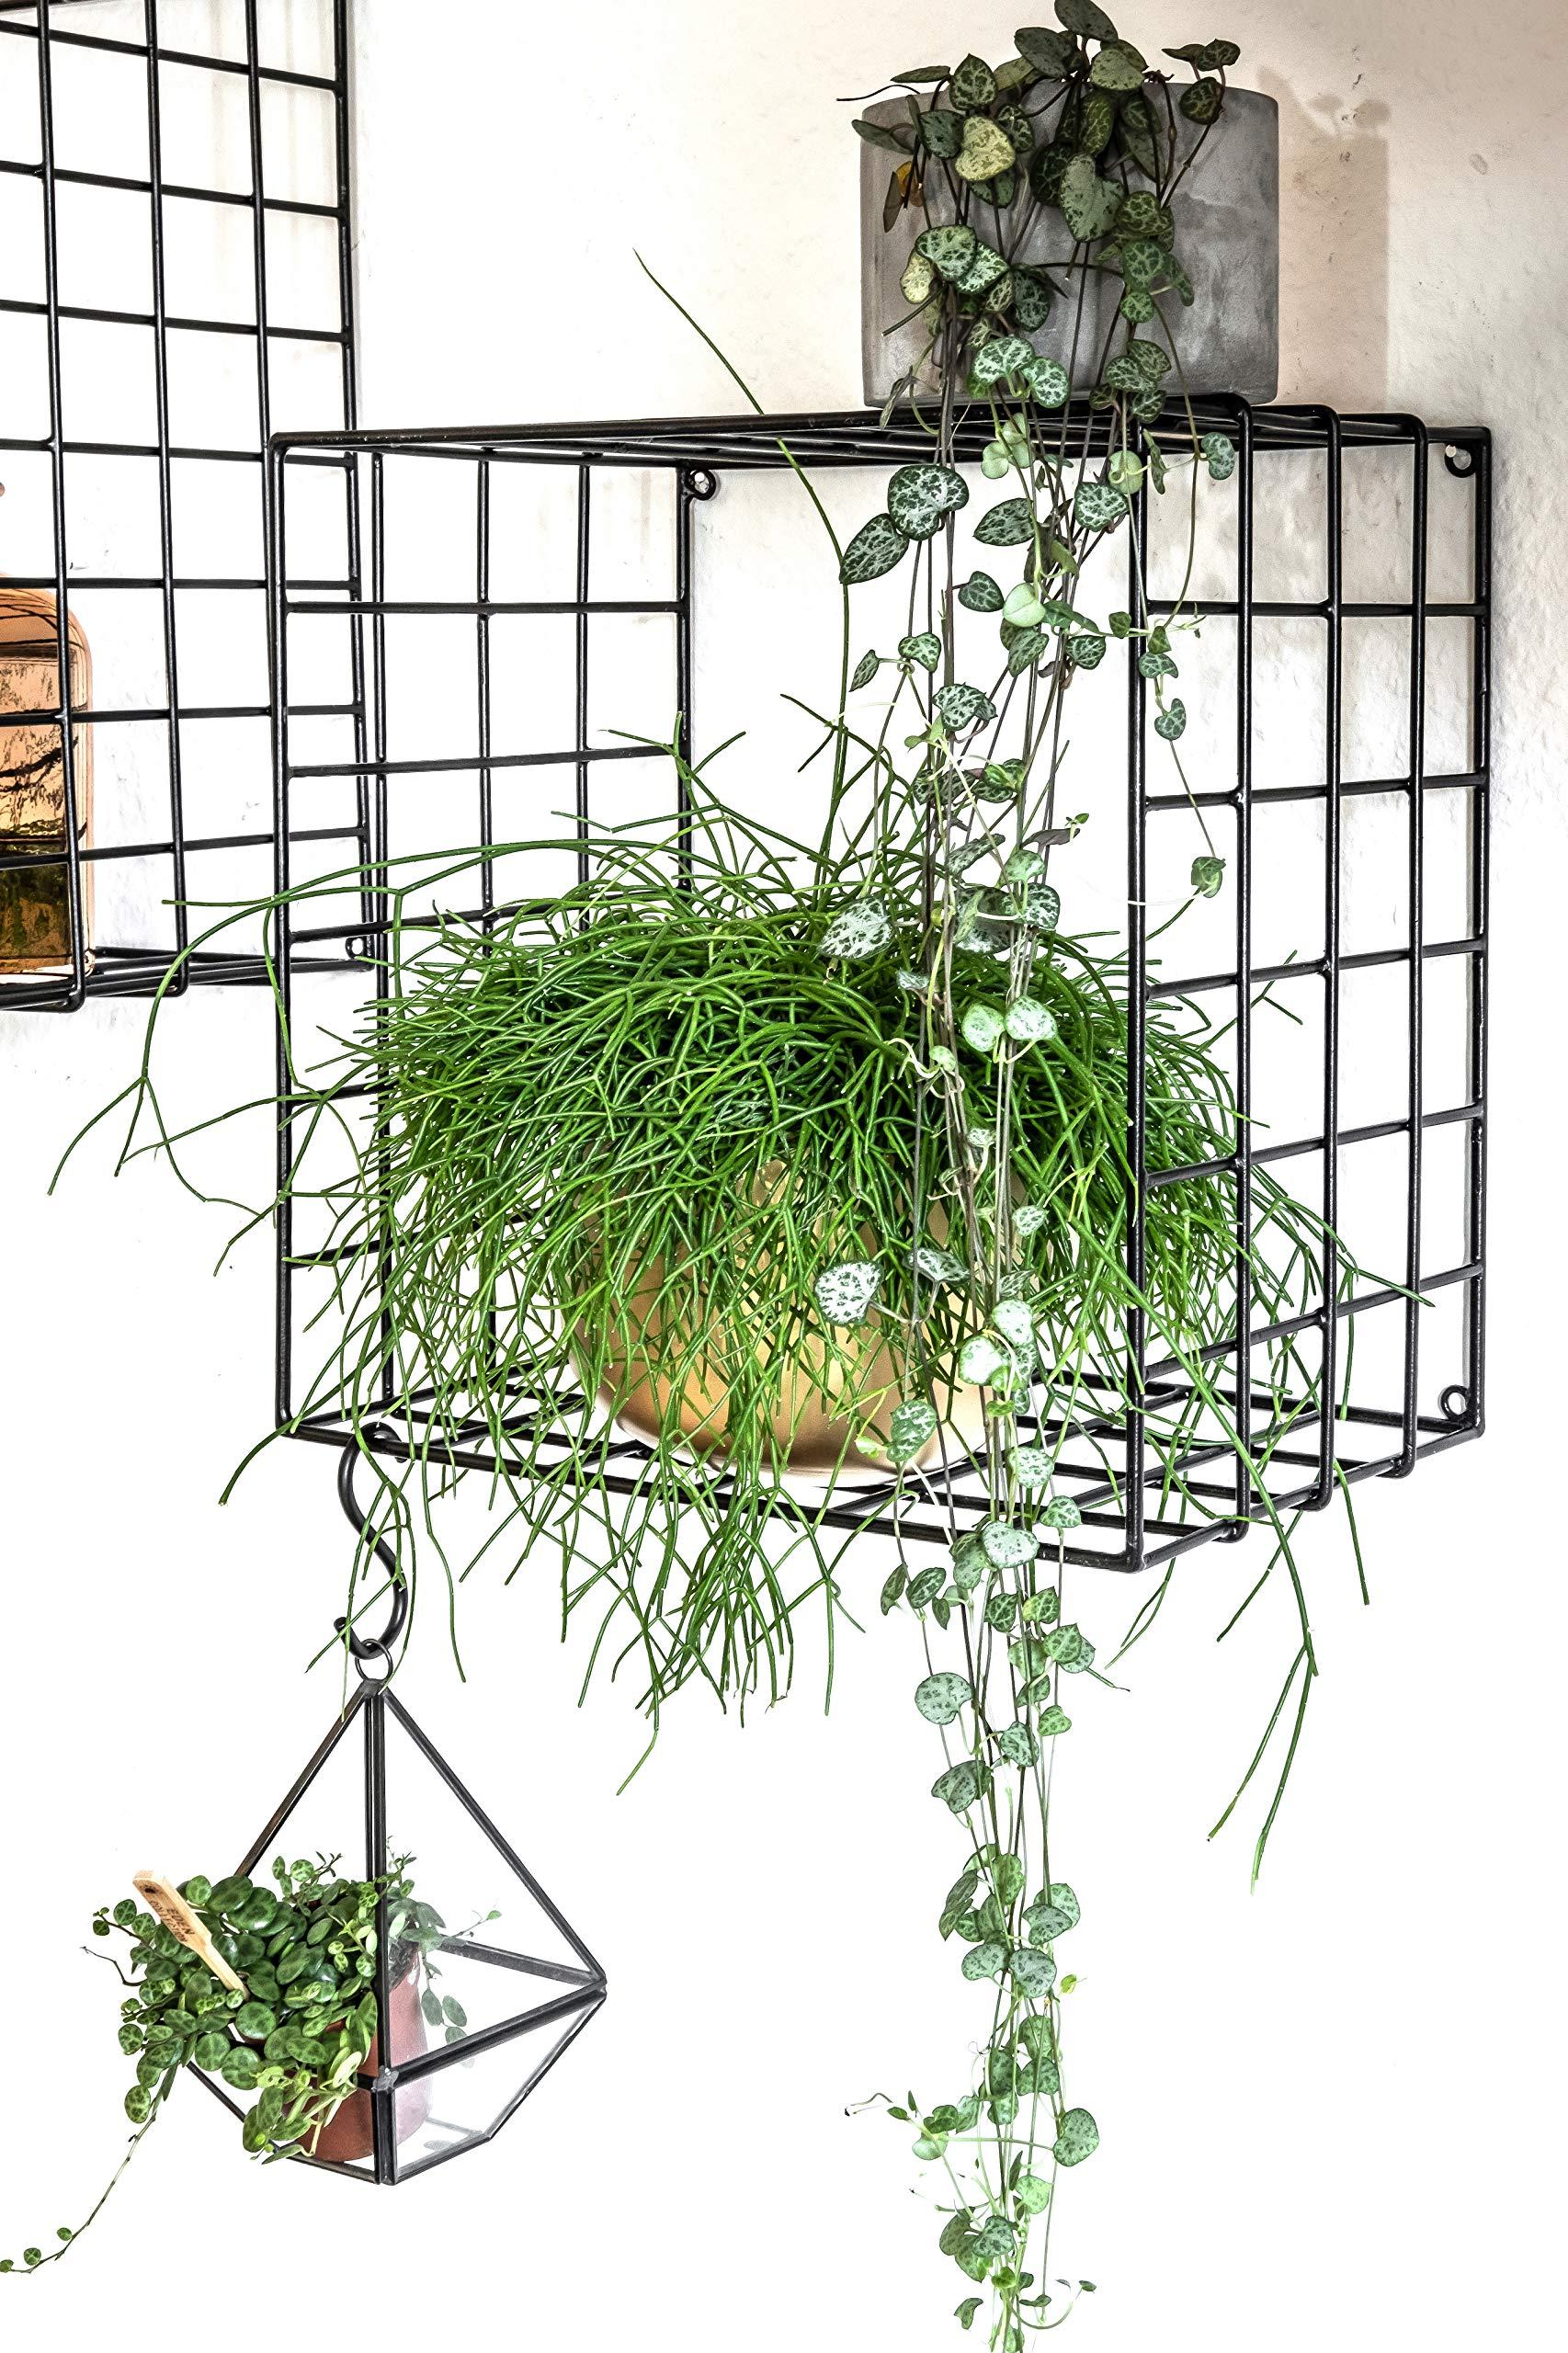 Kimisty Mesh Floating Shelves (Square) -  - wall-shelves, living-room-furniture, living-room - 91WnRqD%2Bn8L -